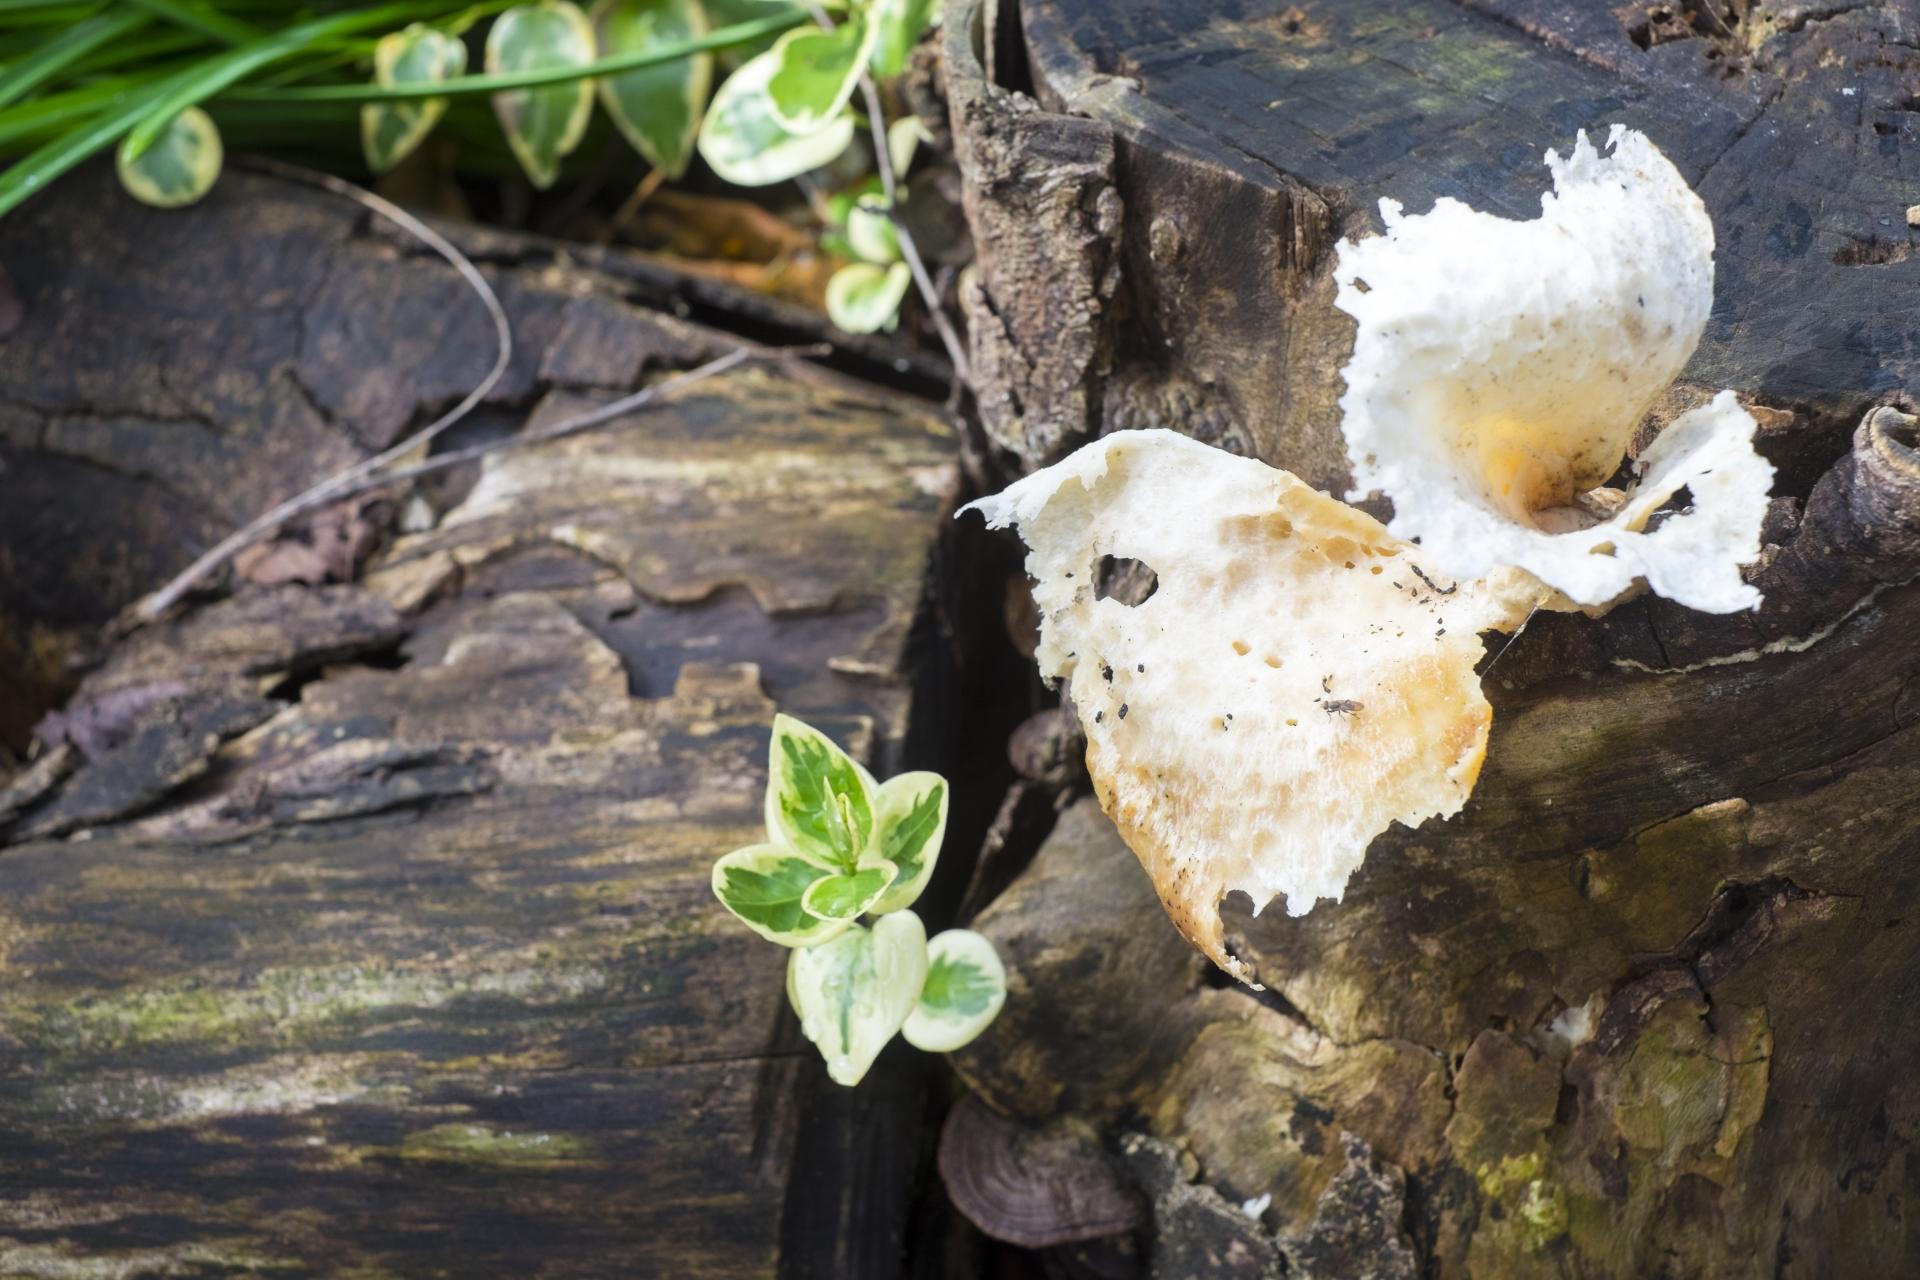 観葉植物にキノコが生えた原因